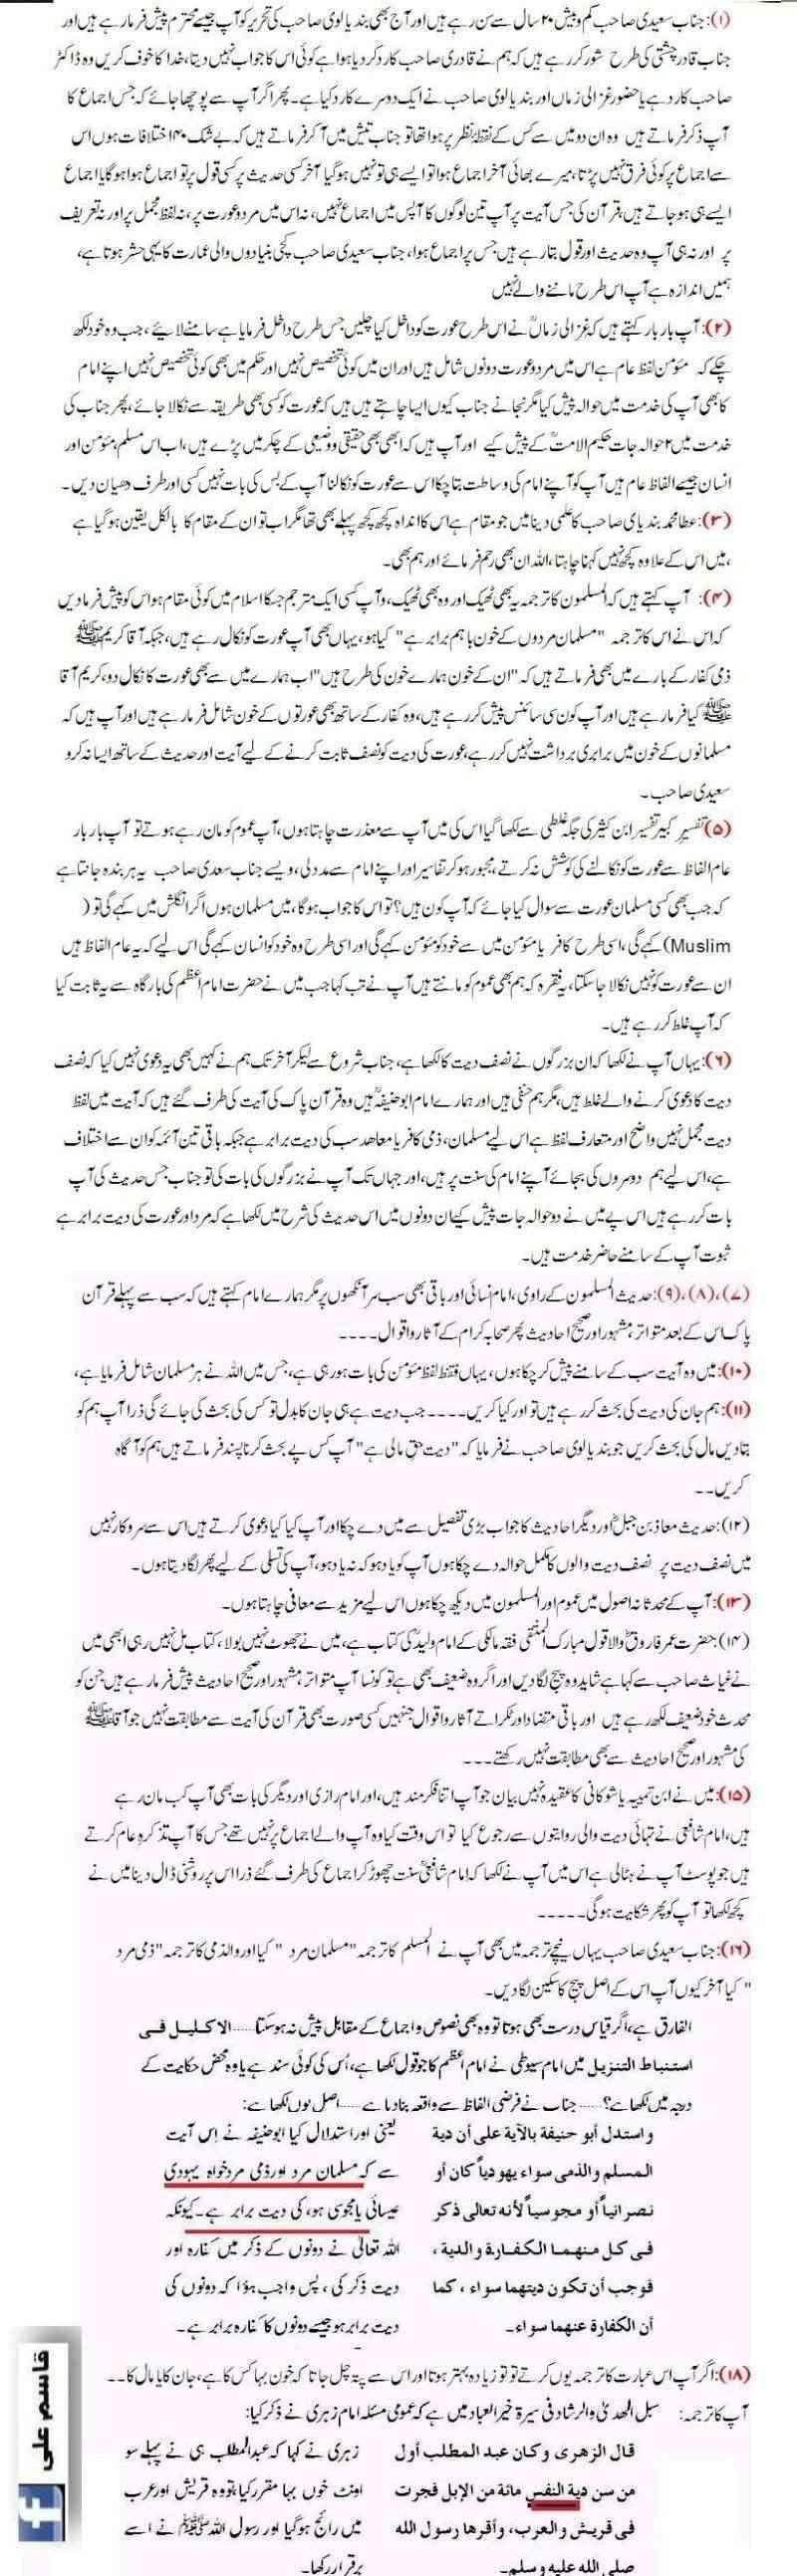 دیت کی جعلی فتوی فیکٹری پر منہاج القرآن کی فتح کا جھنڈا - Page 2 Qasim210